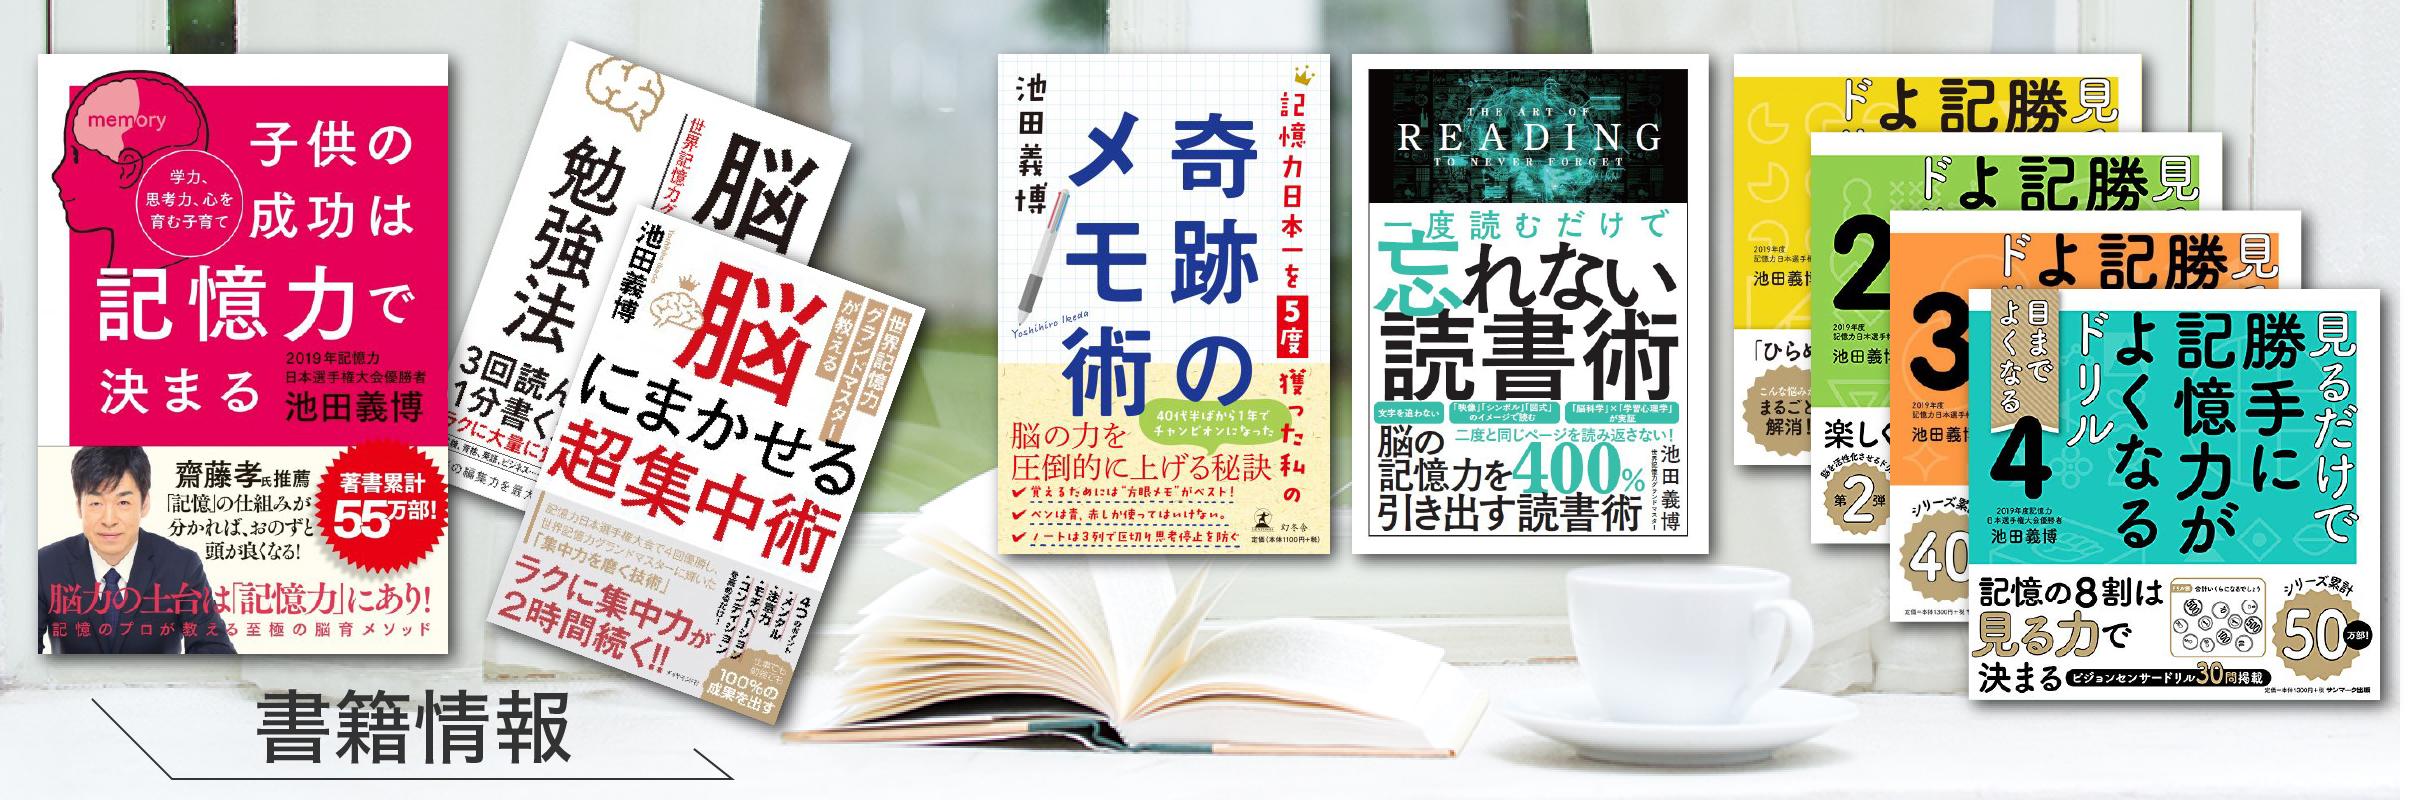 池田義博の書籍情報はこちらから